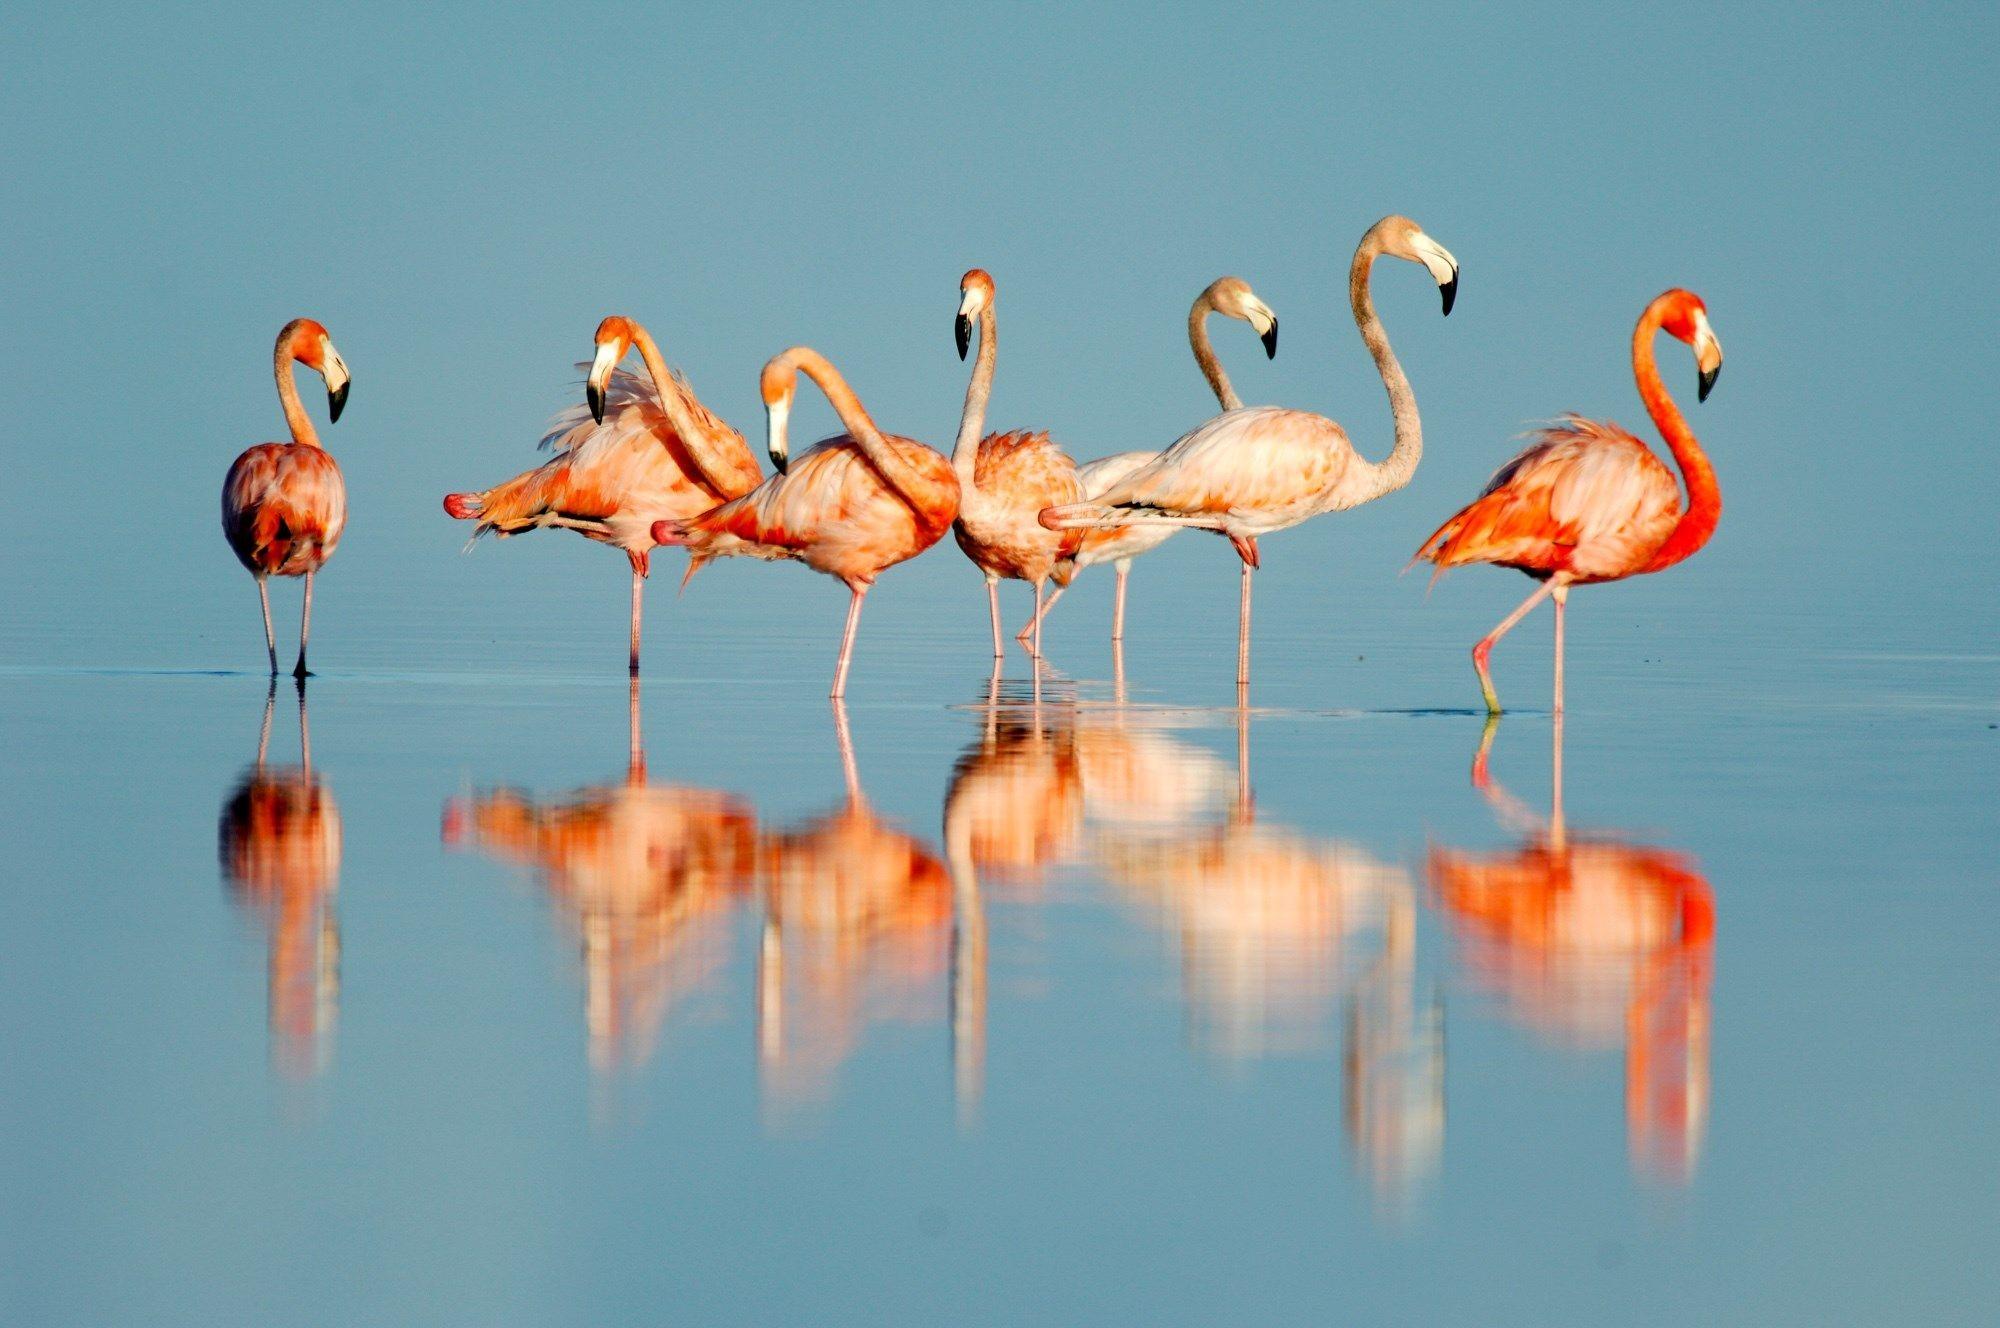 Flamingo Wallpaper Wallpapertag